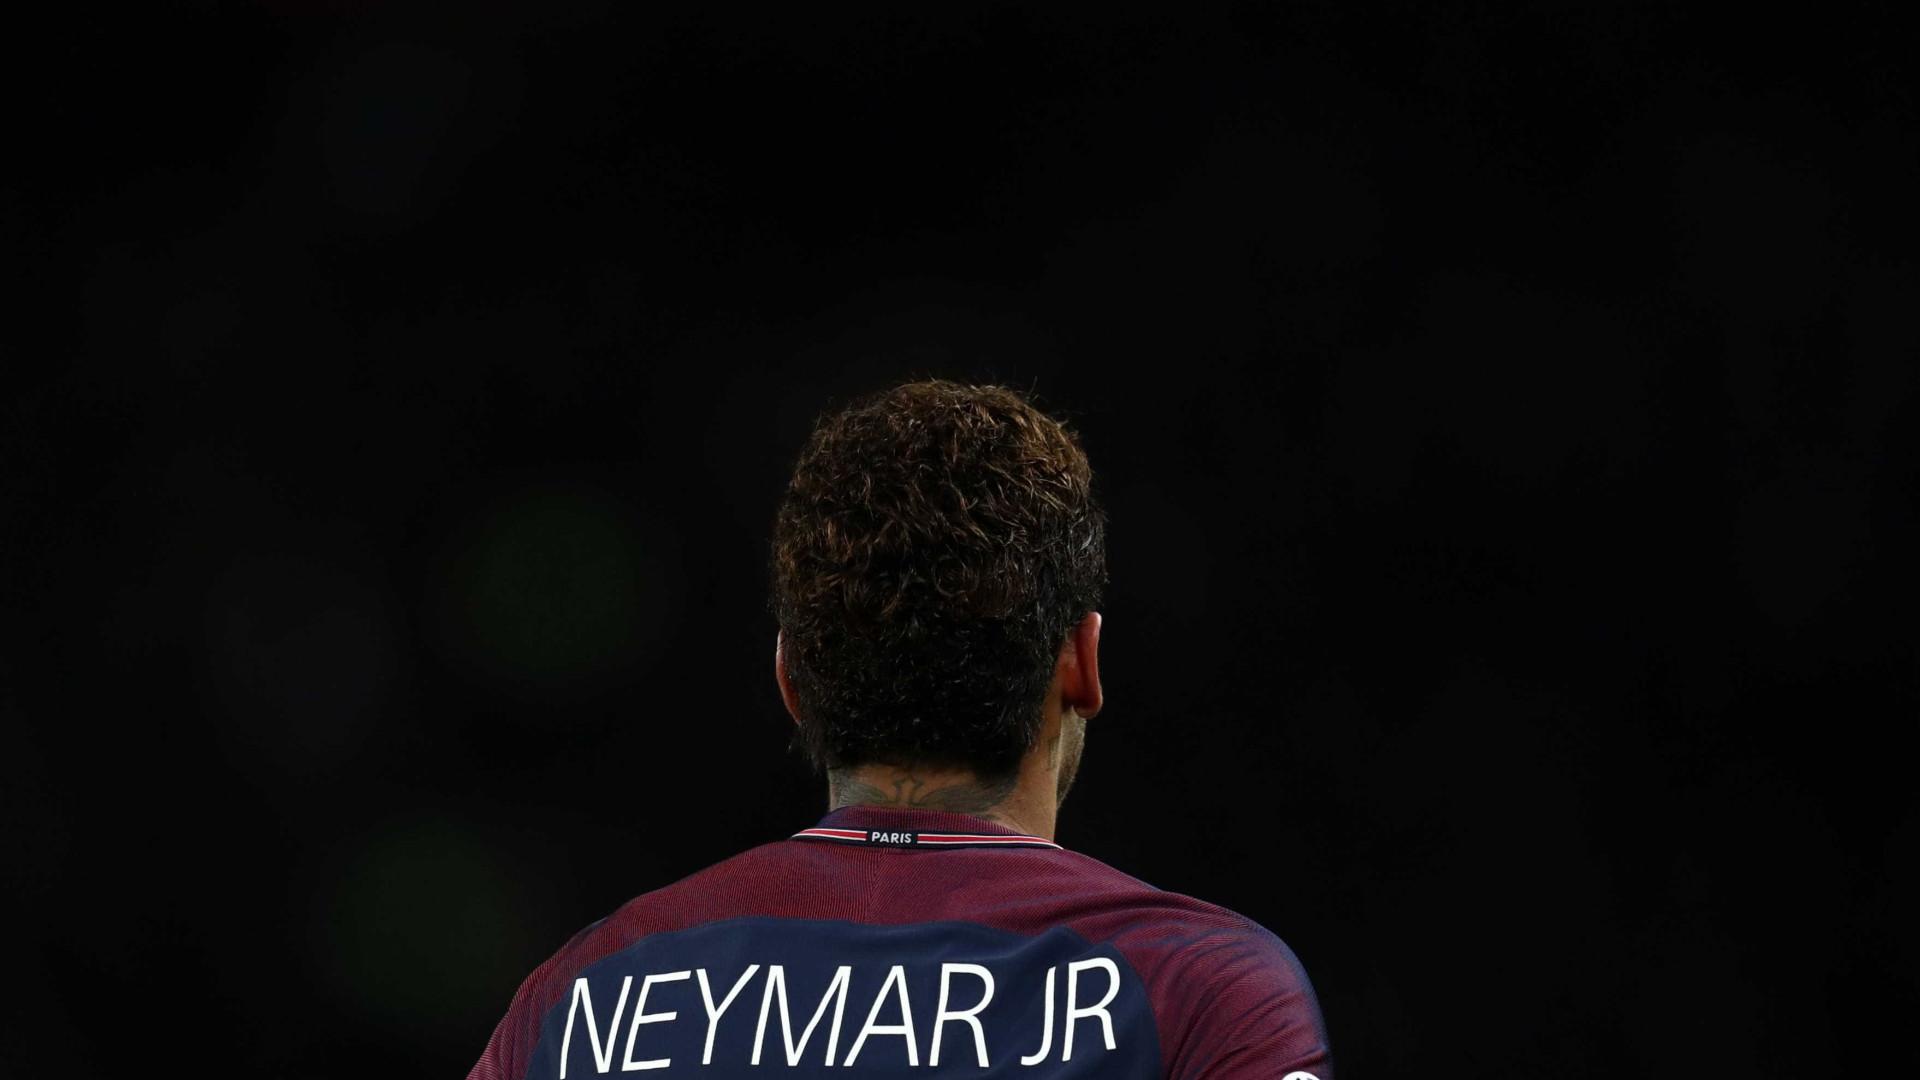 """Neymar arrasado por Dugarry: """"Só olha para o umbigo"""""""